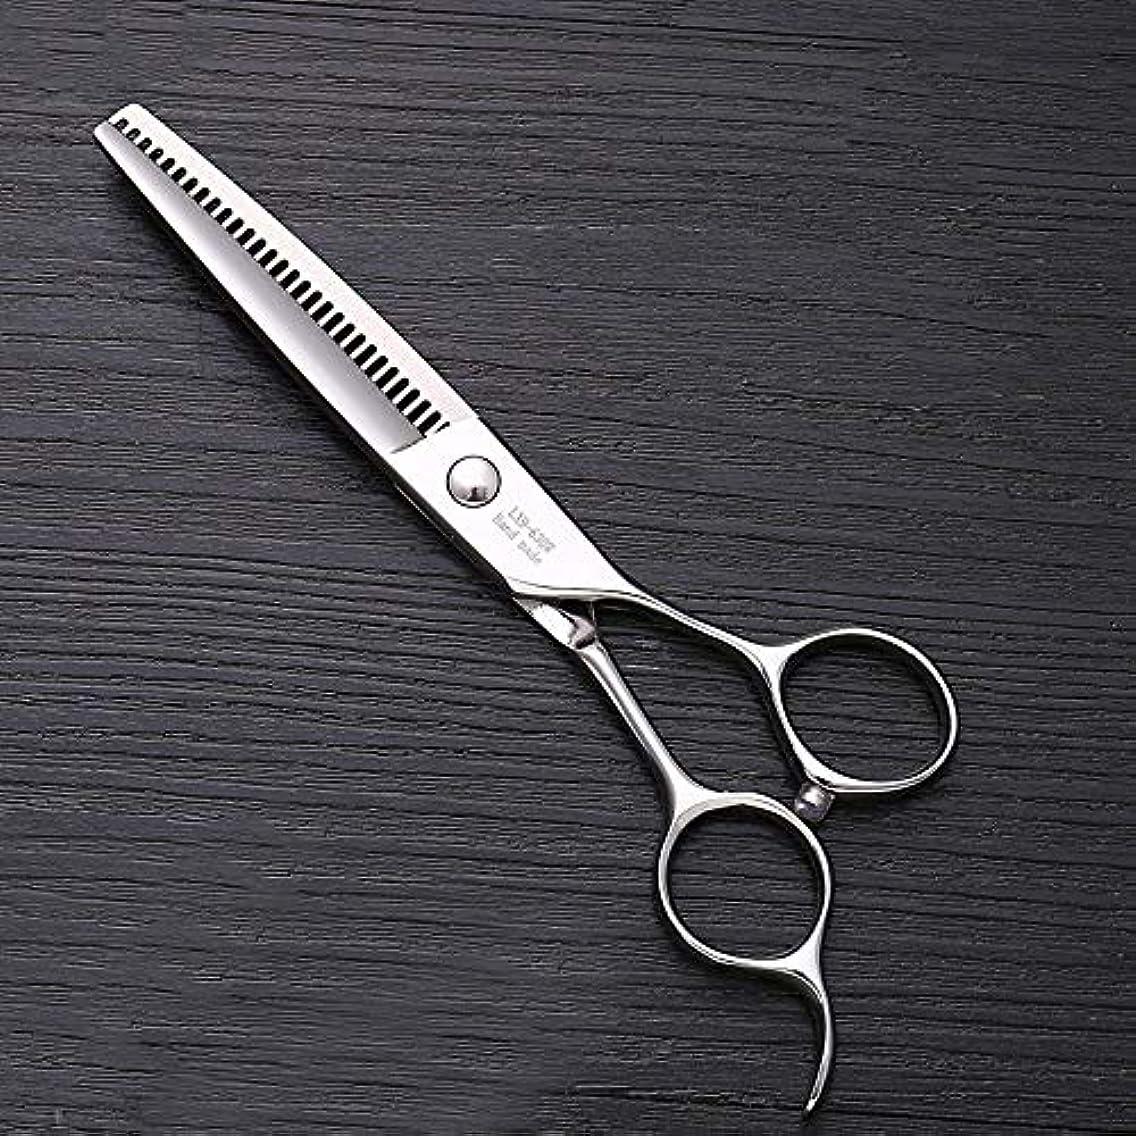 トーンあなたは未知の理髪用はさみ 6インチステンレス鋼ハイエンドプロフェッショナル理髪はさみ間伐歯はさみヘアカットシザーステンレス理髪はさみ (色 : Silver)